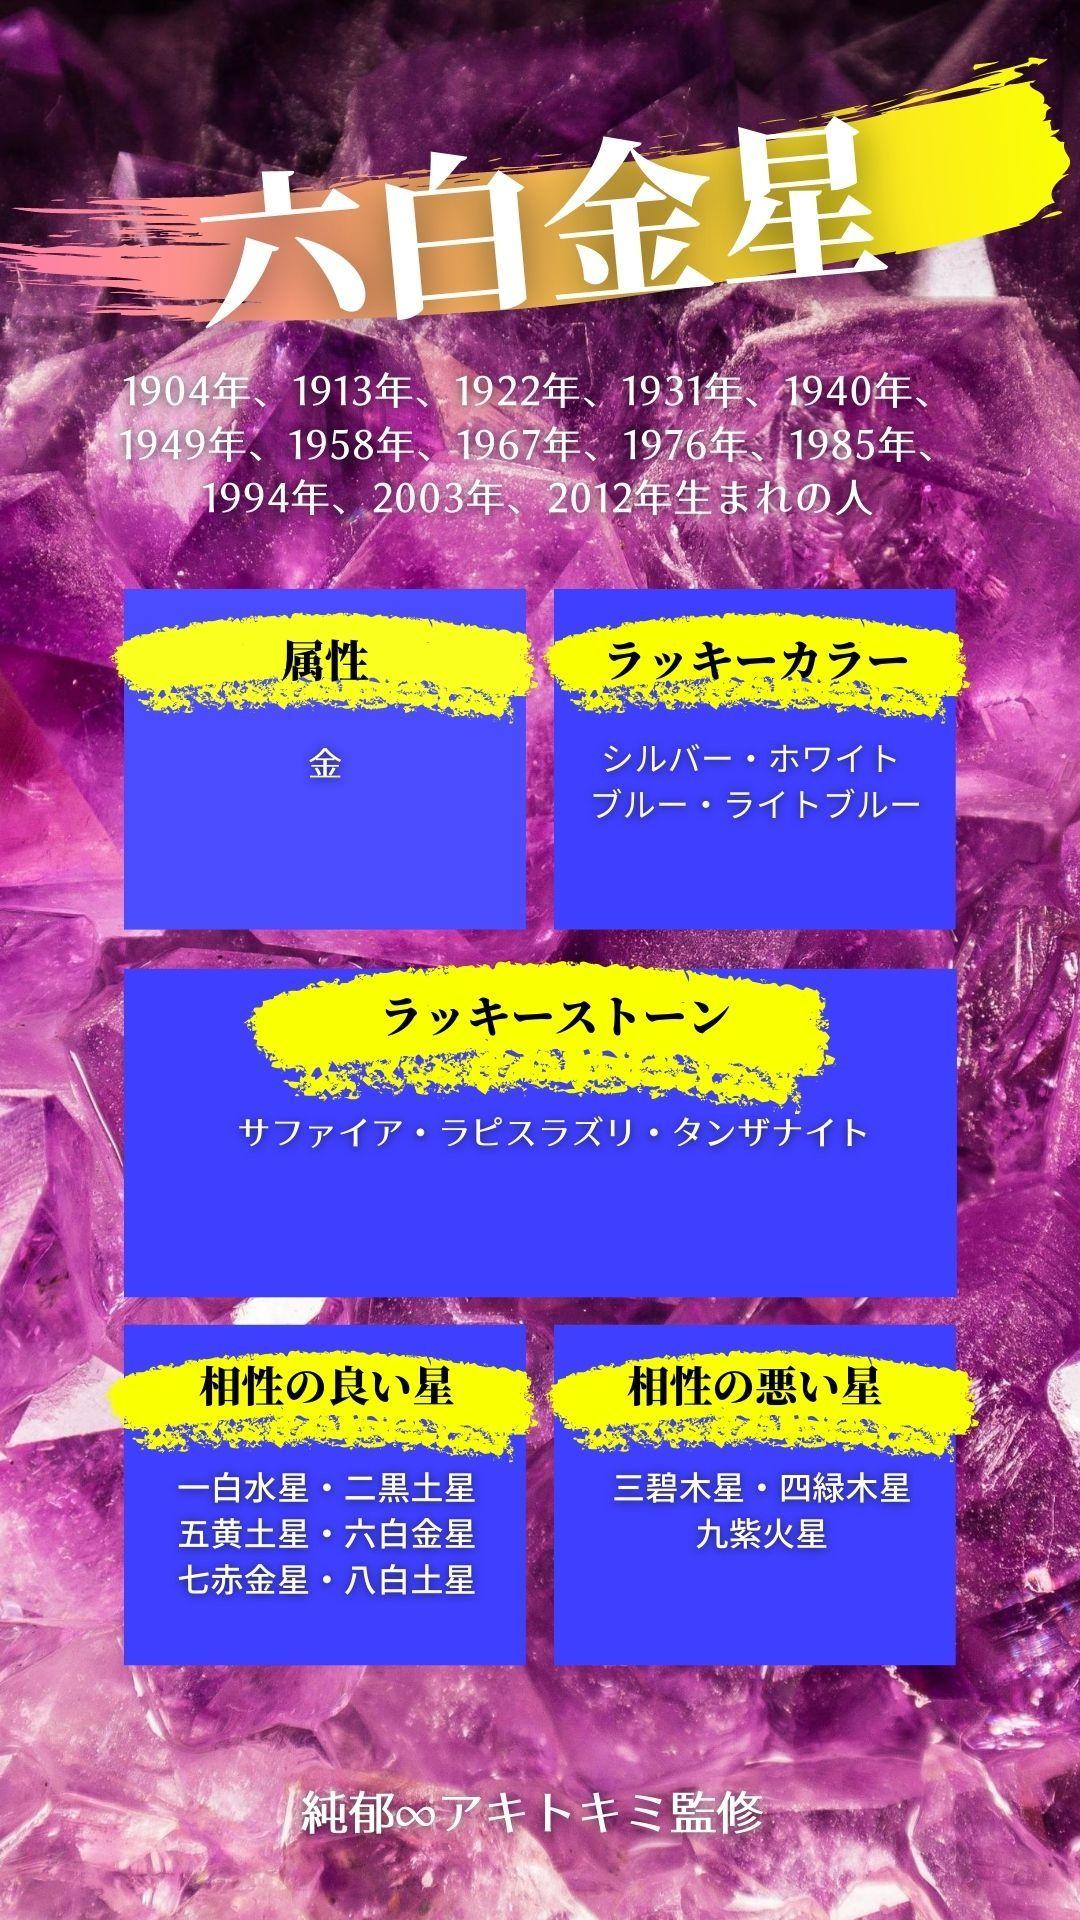 性格 九紫 火星